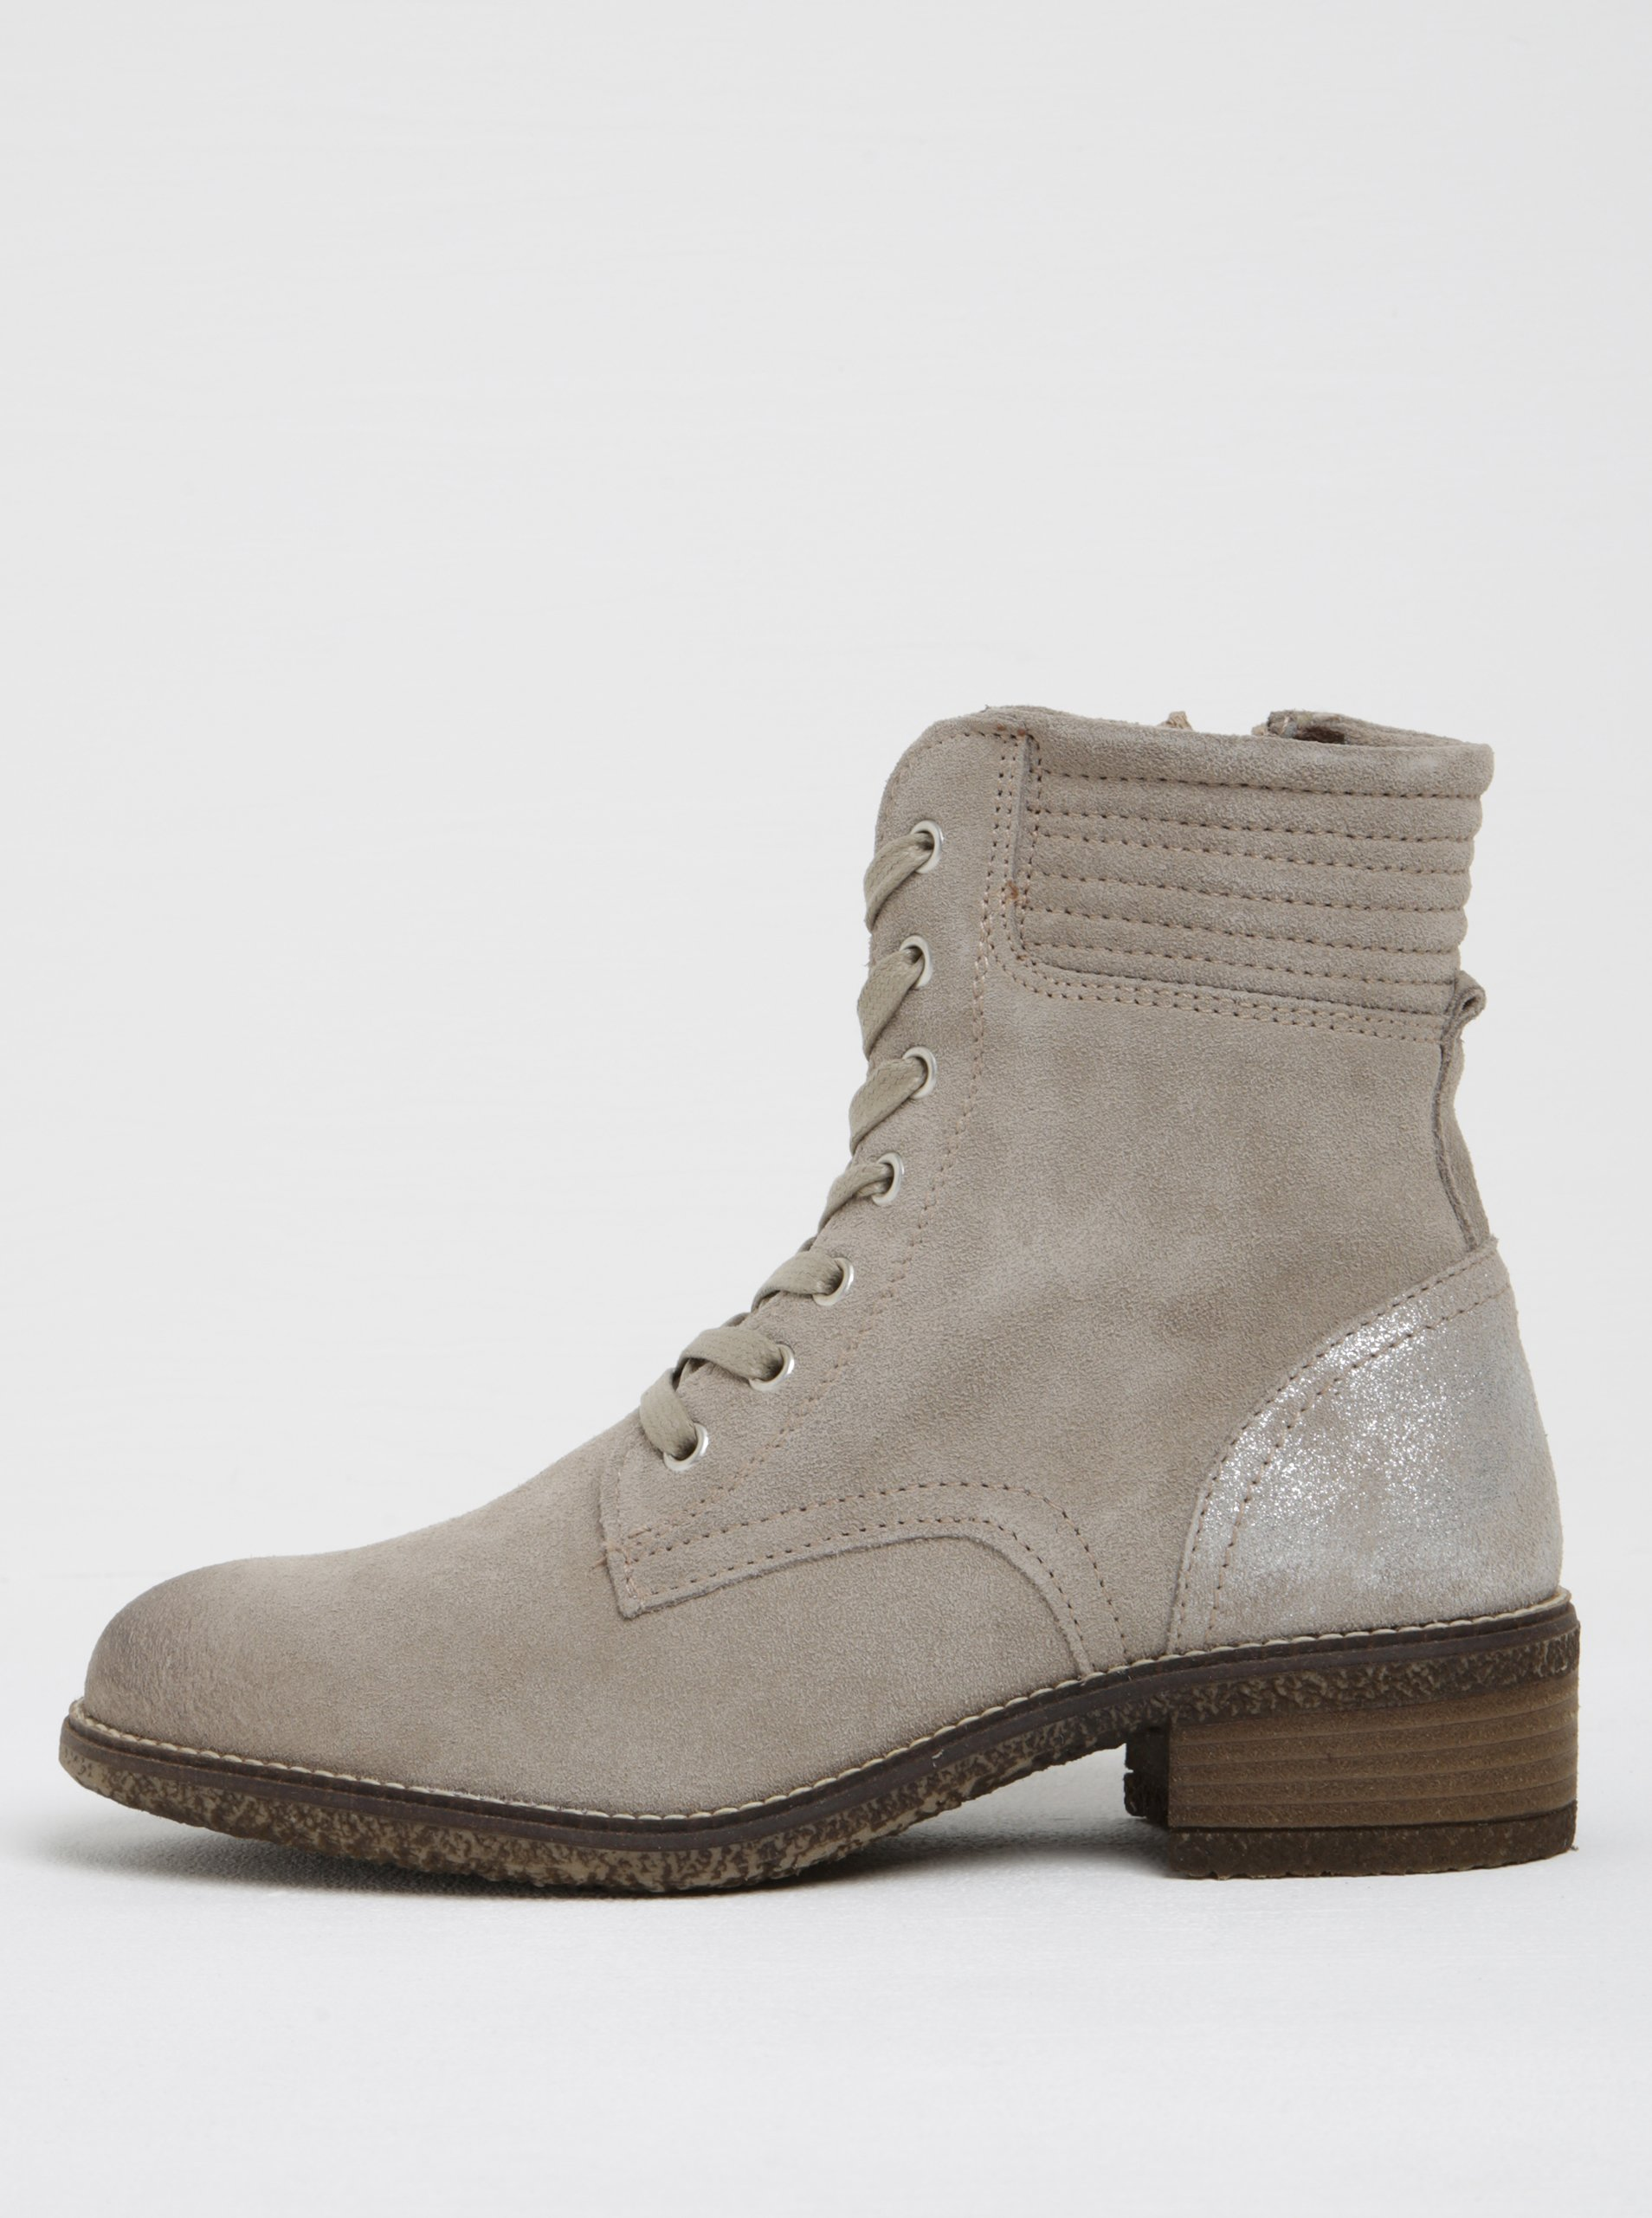 b7901acbefe19 Béžové semišové členkové topánky s metalickou pätou Tamaris   Moda.sk